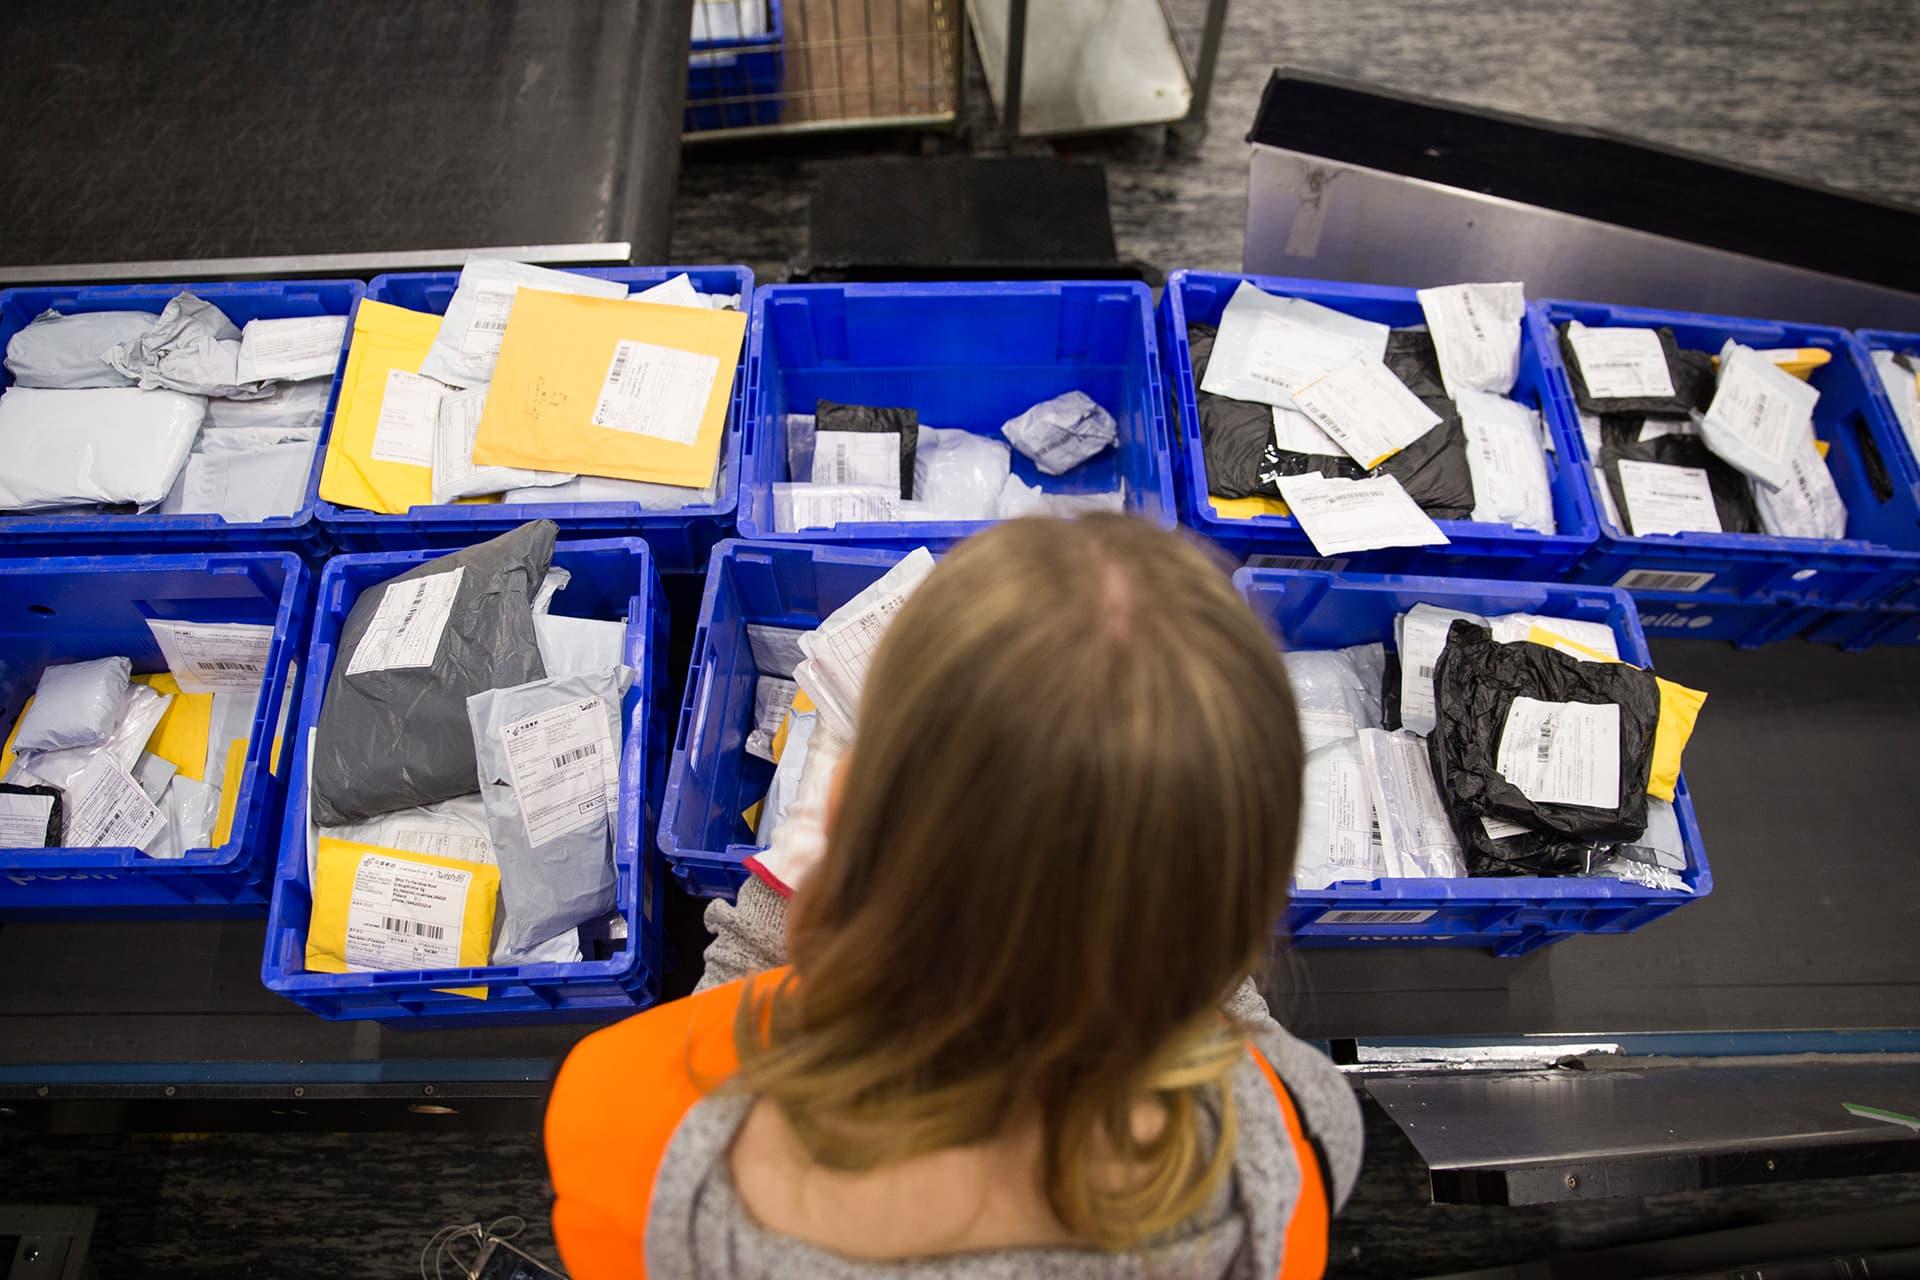 Nainen lajittelee postilähetyksiä.